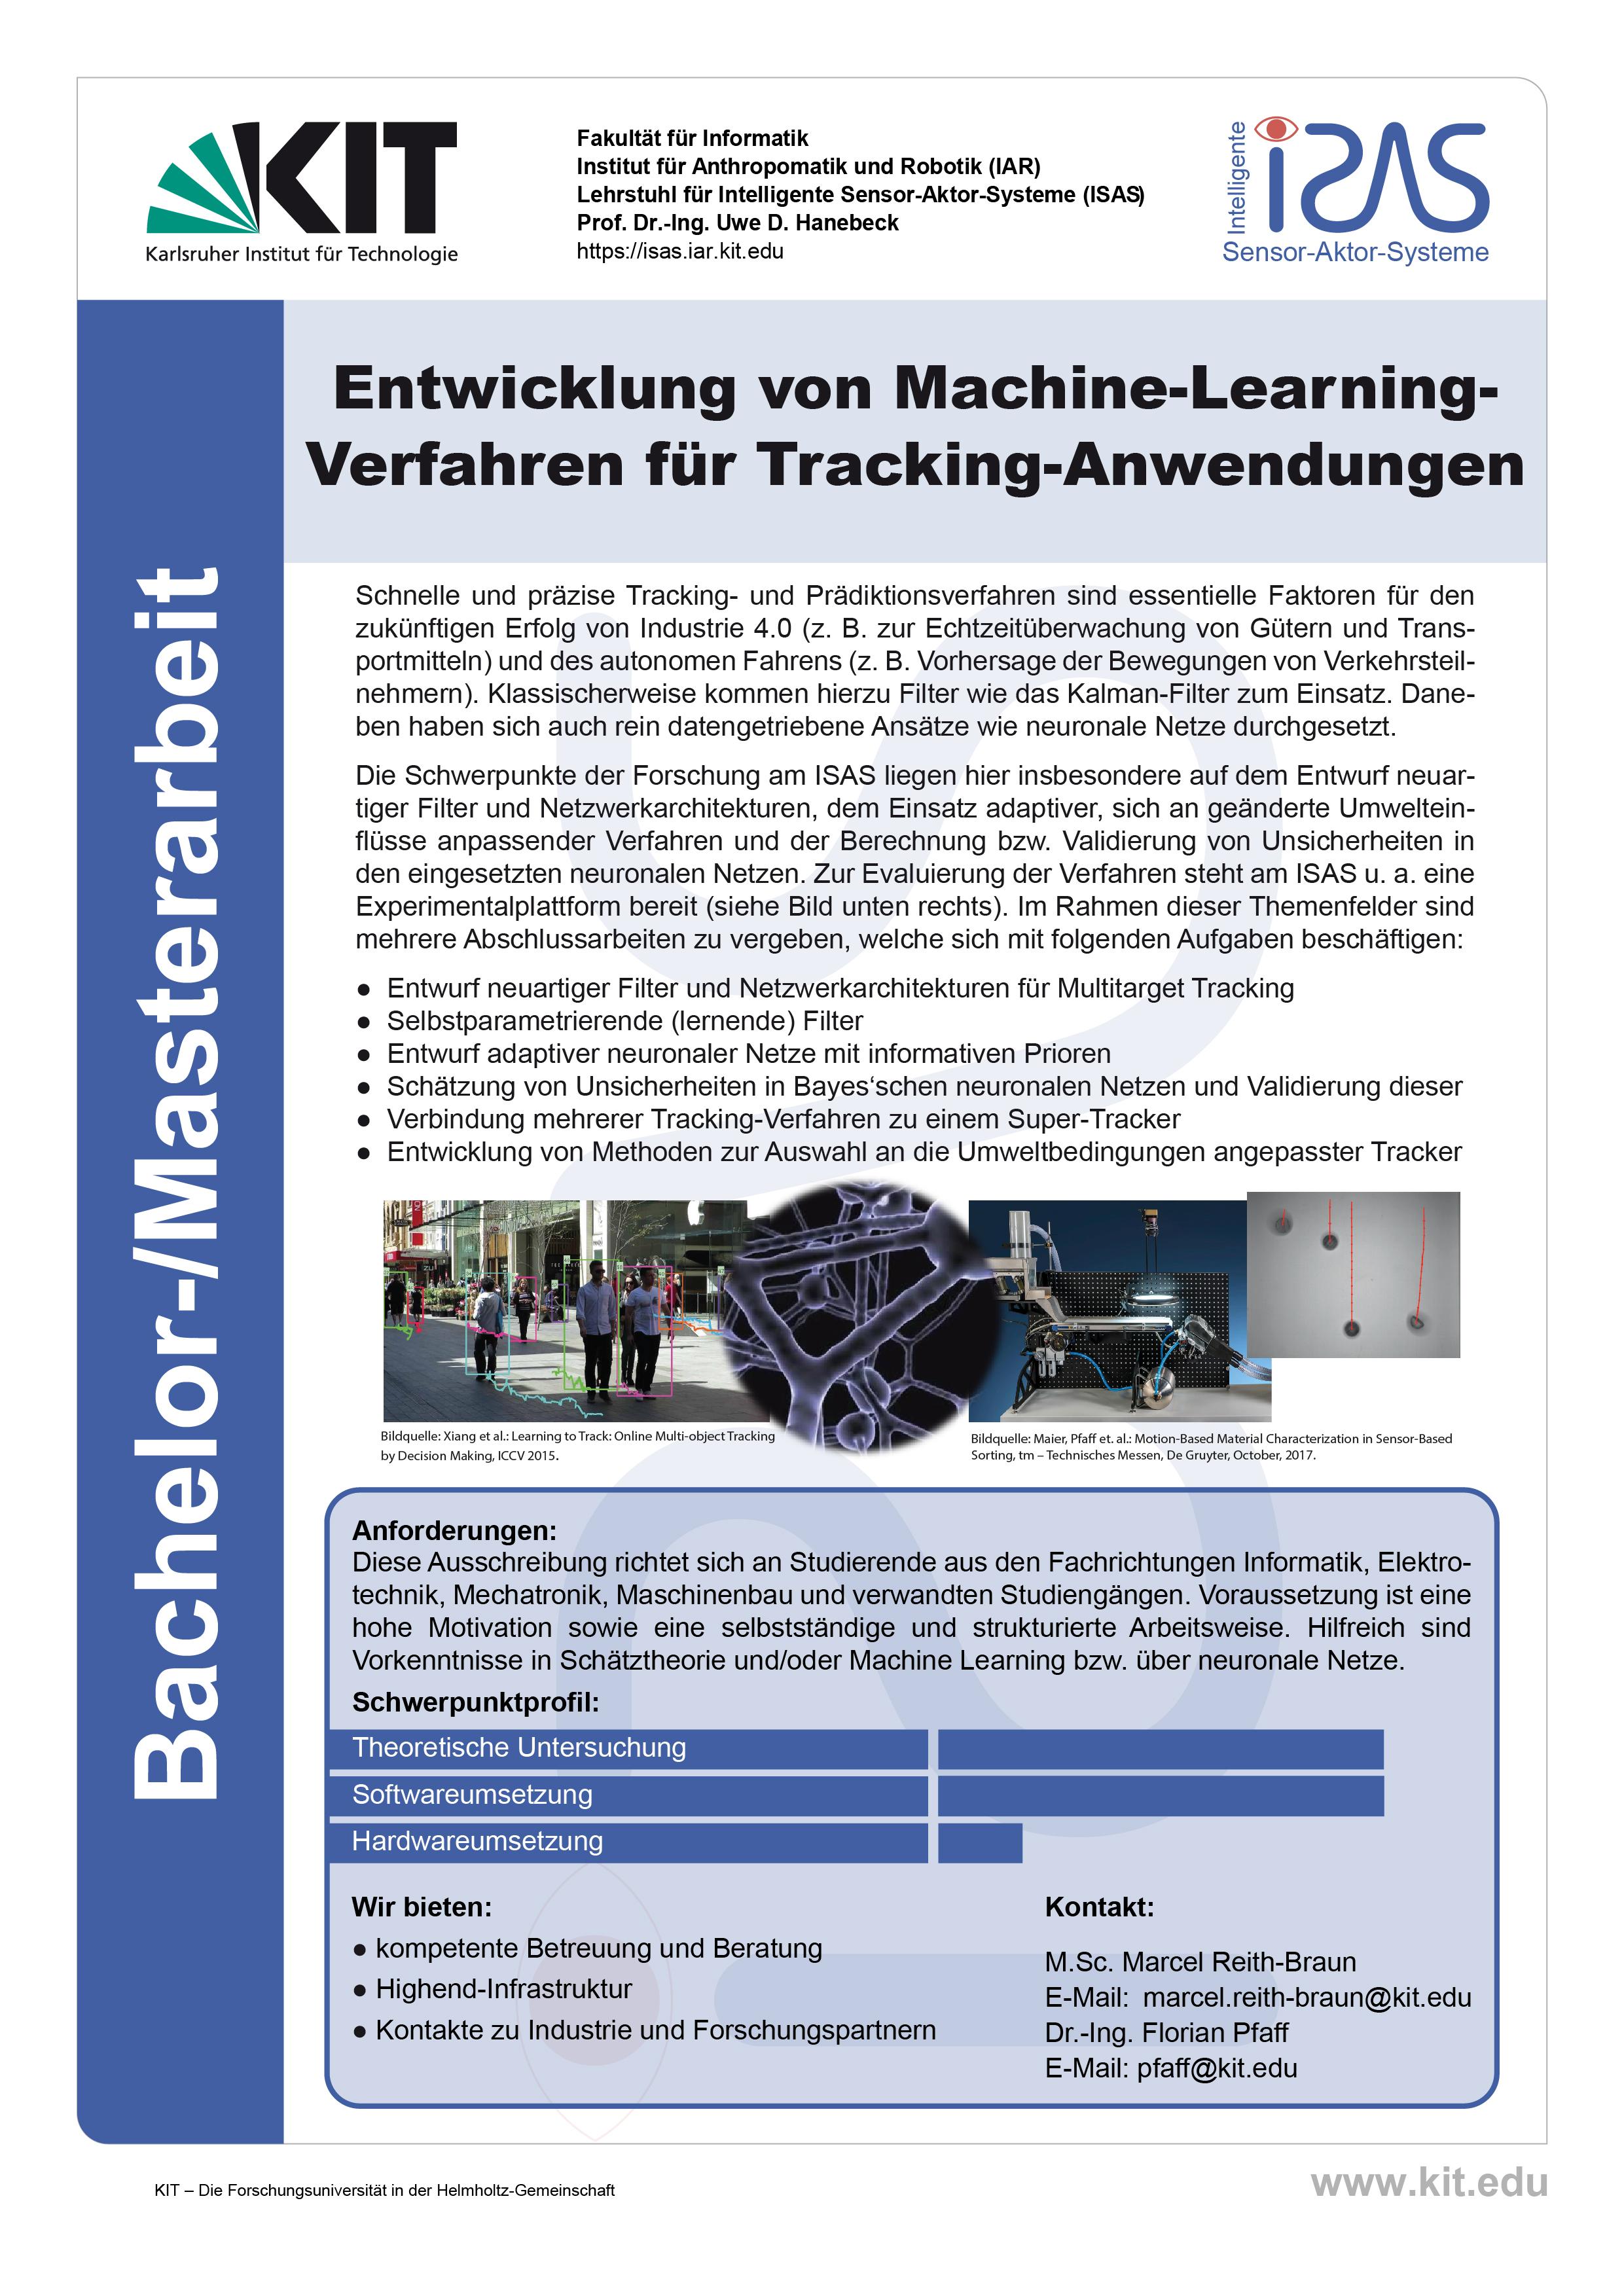 Entwicklung von Machine-Learning- Verfahren für Tracking-Anwendungen